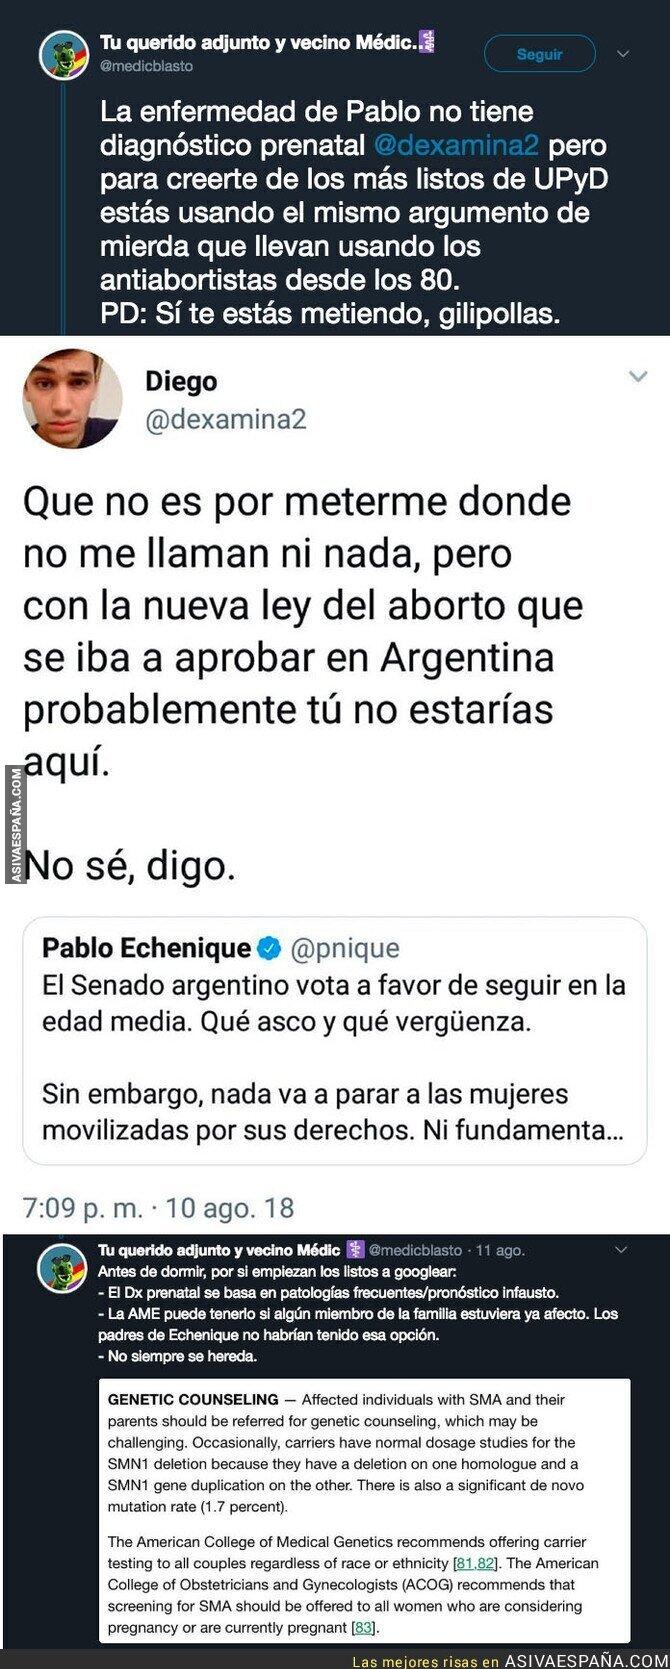 91051 - La ley del aborto -no aprobada- en Argentina y Pablo Echenique